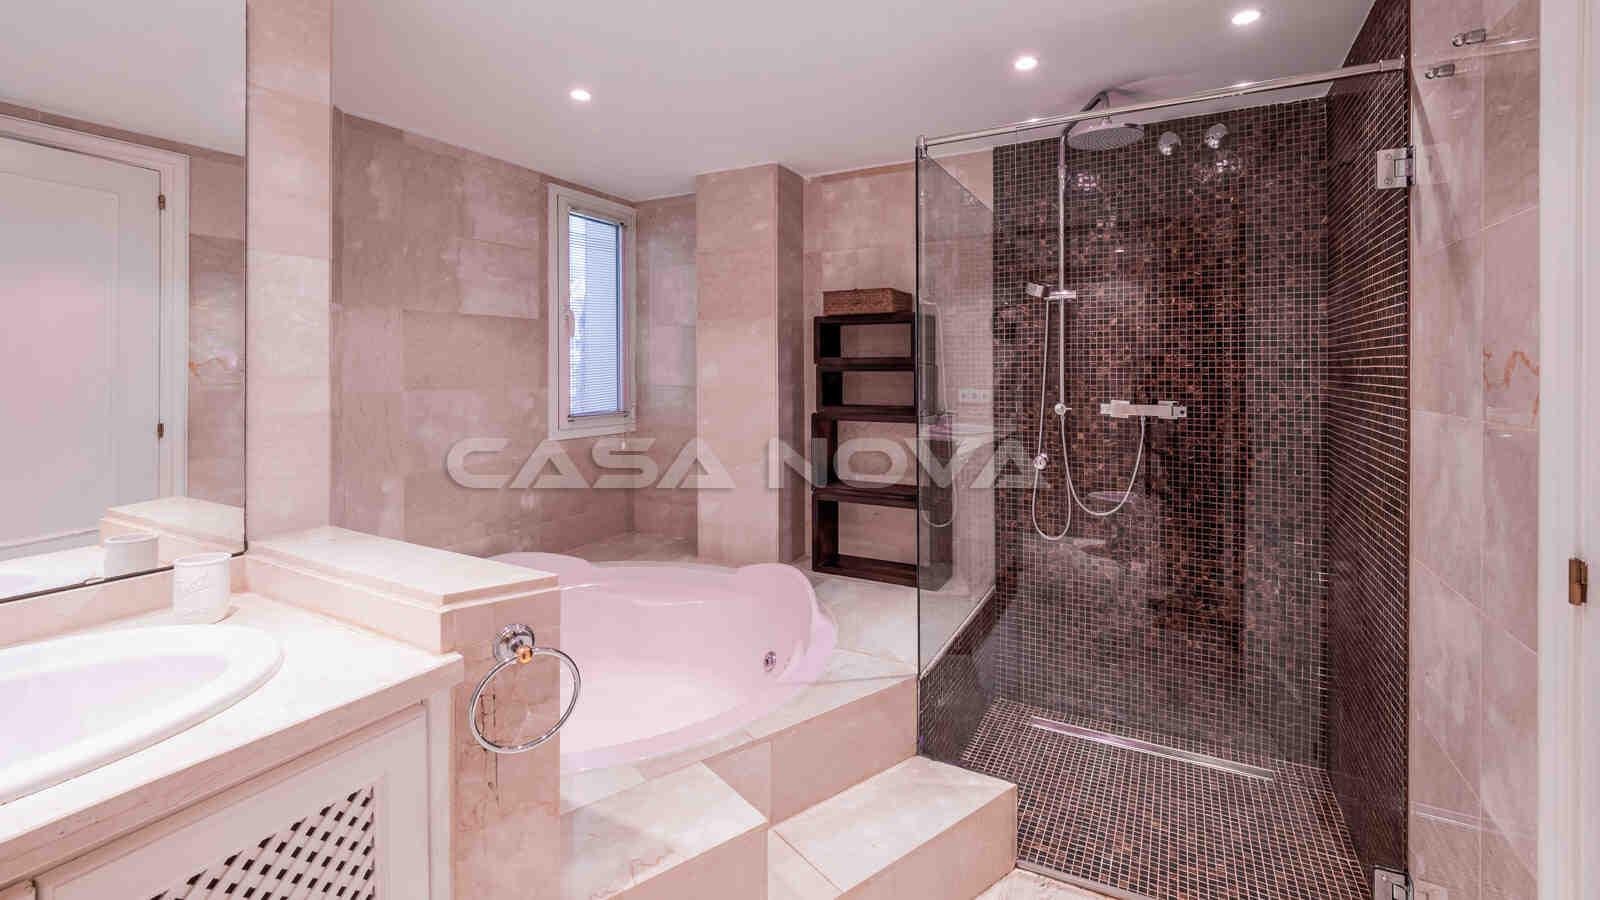 Badezimmer mit Dusche und Whirlpool-Badewanne